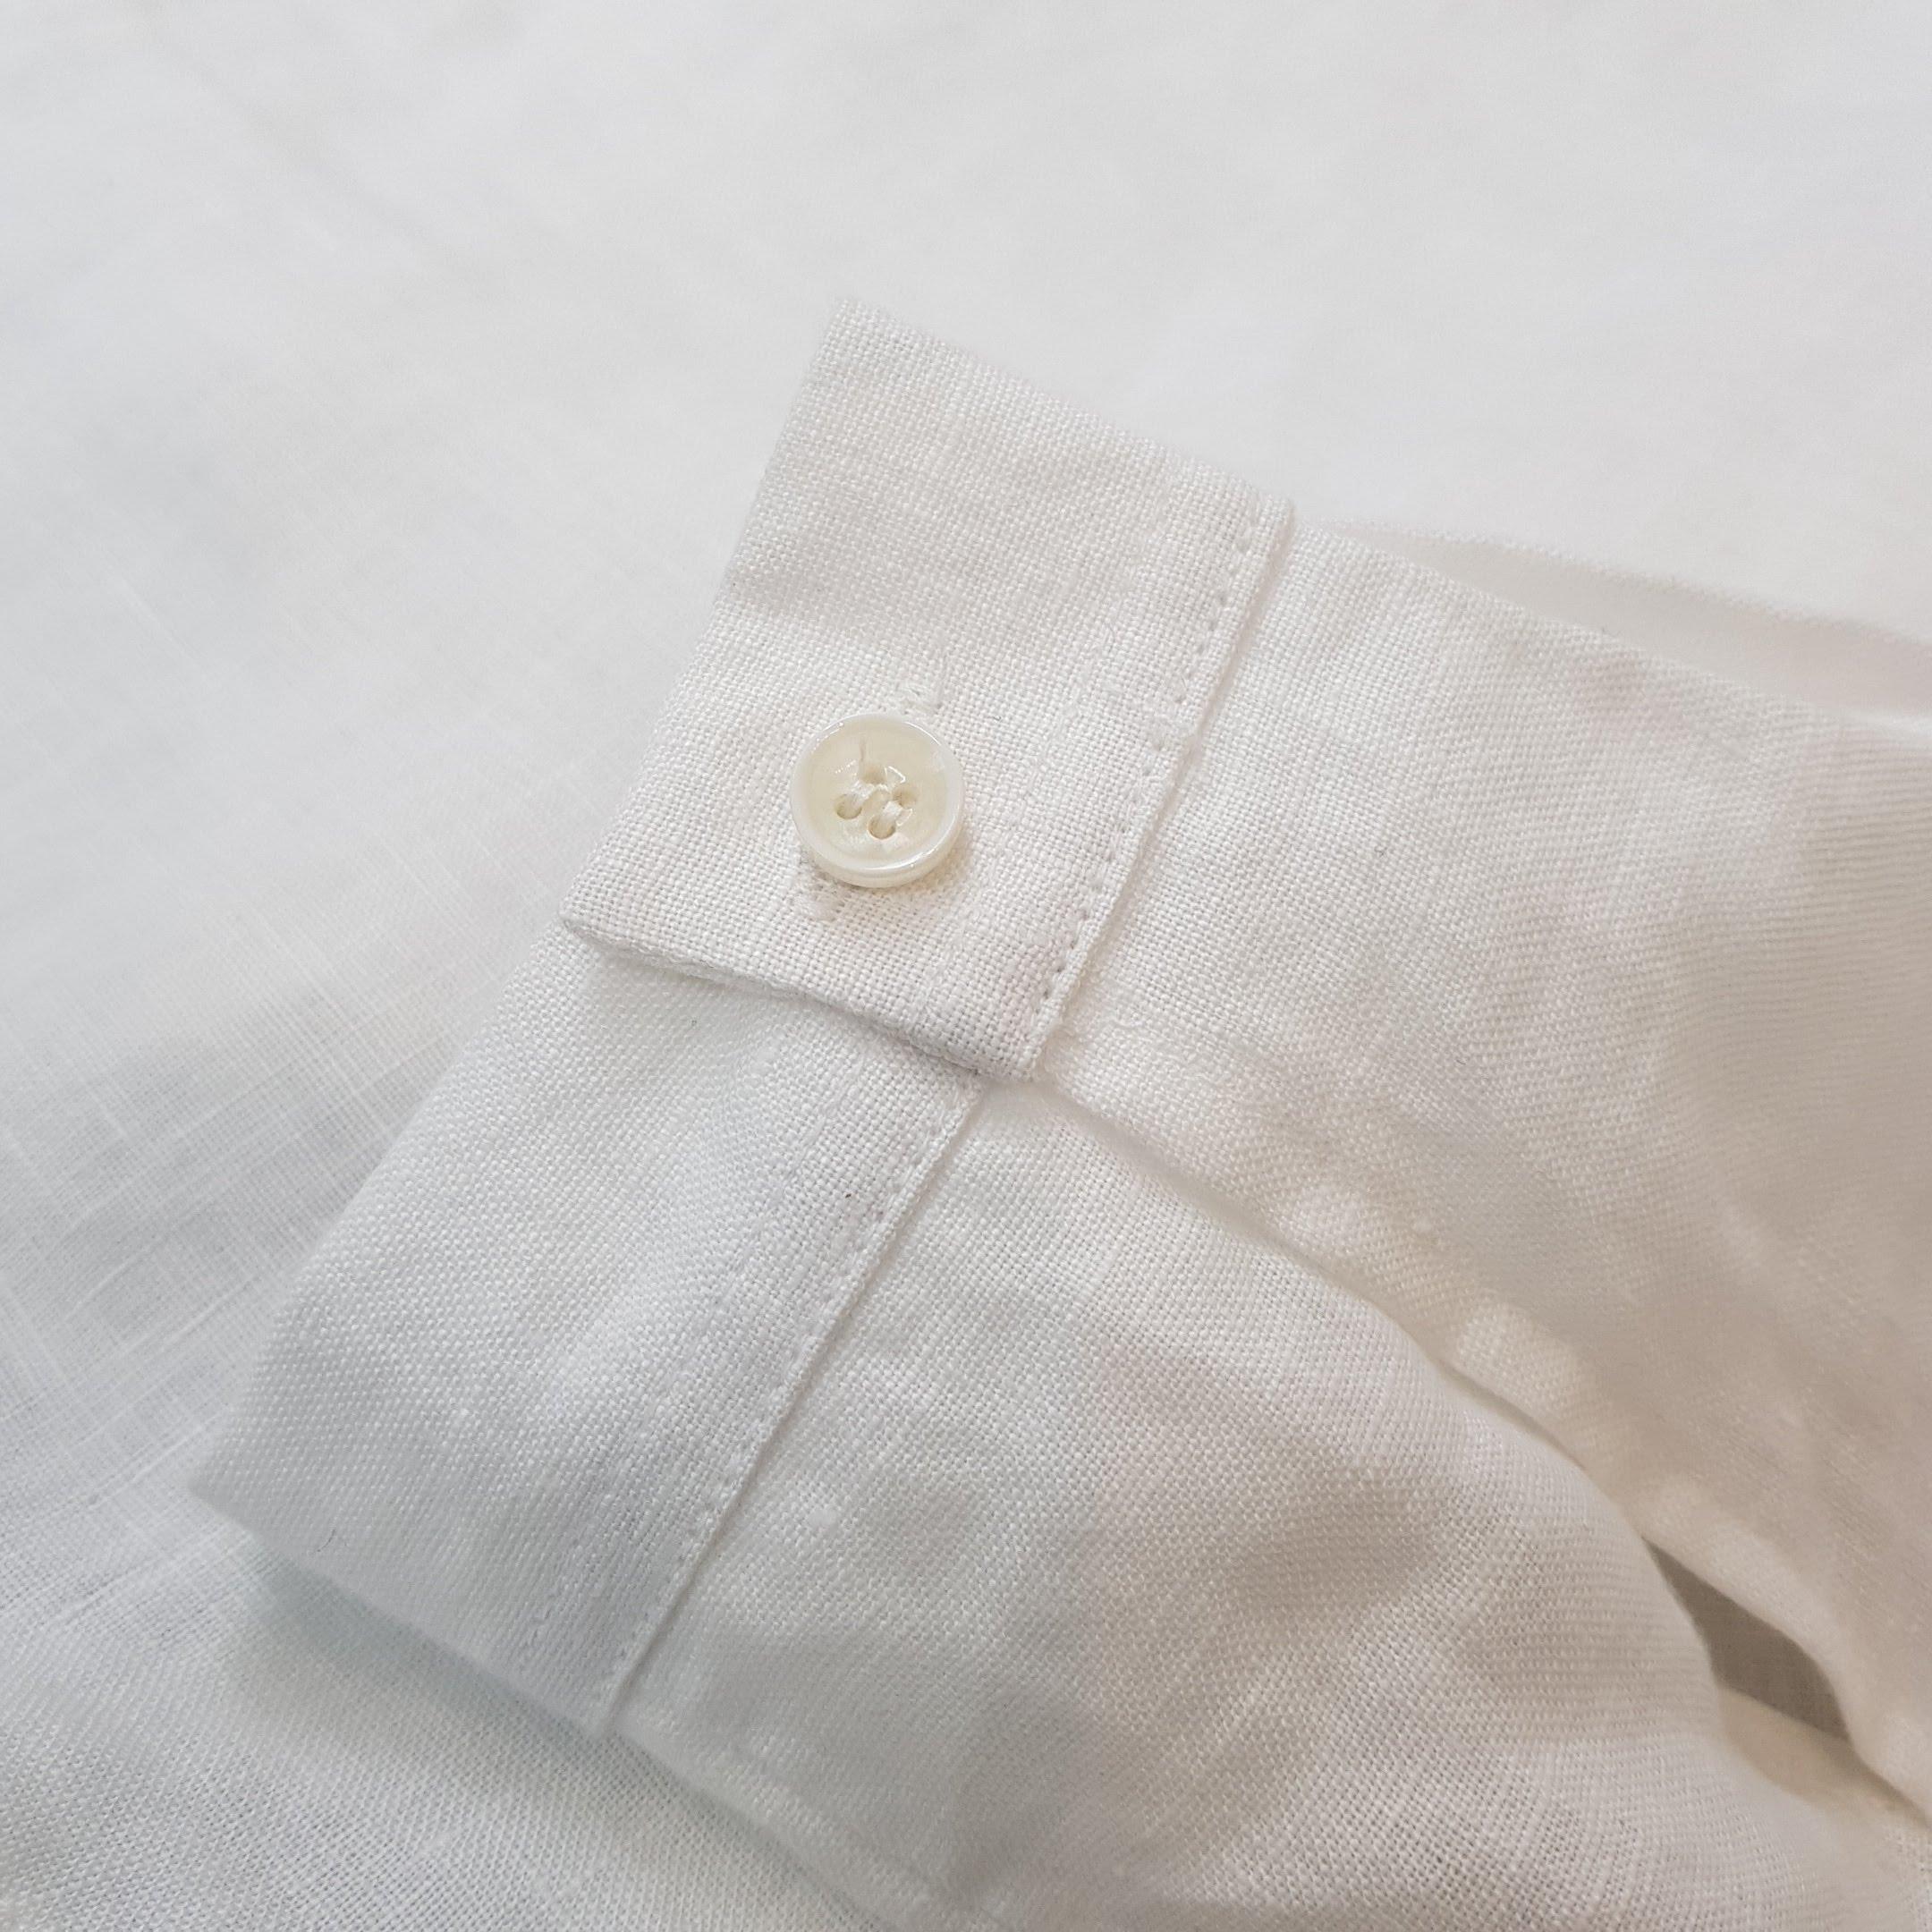 Áo đũi nam chui đầu dài tay trắng M7